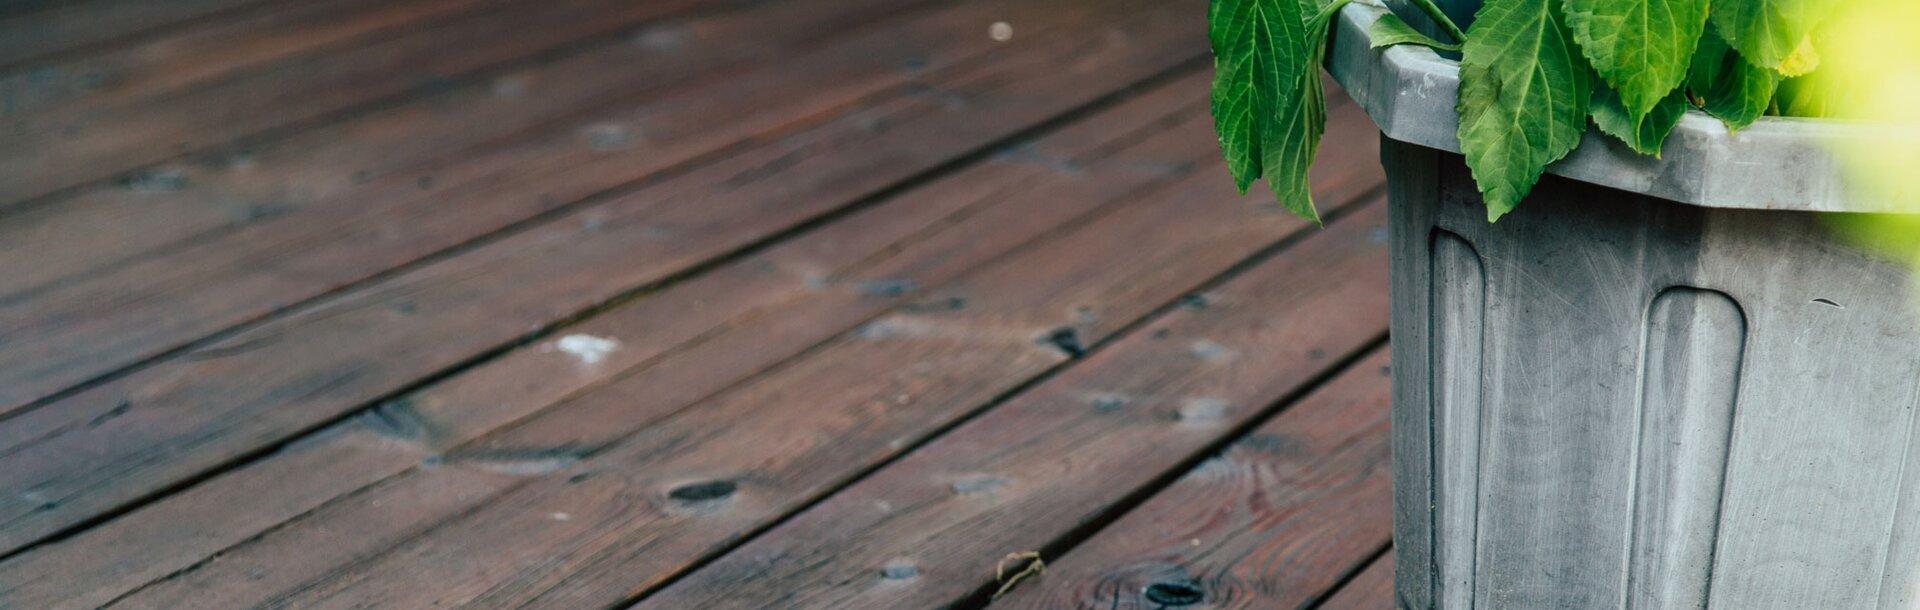 Pavimenti In Legno Per Terrazzi cura e rinnovo dei terrazzi in legno con adler bodenöl